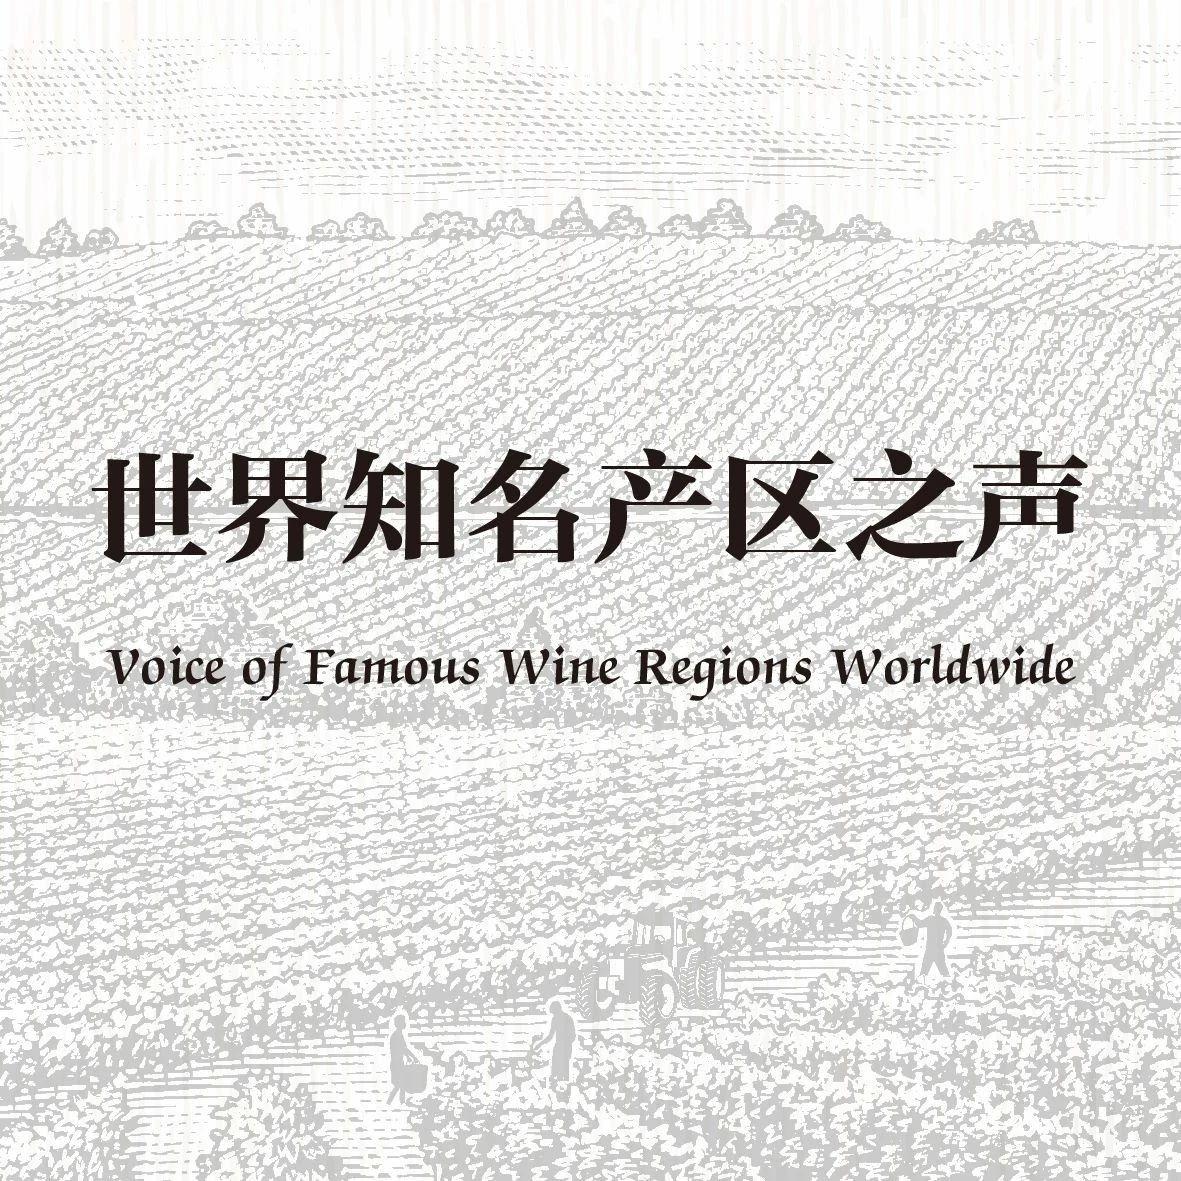 阿根廷葡萄酒协会主席Maximiliano:中国市场发挥关键作用,2019年出口中国总额增长6.5%丨世界知名产区之声⑥